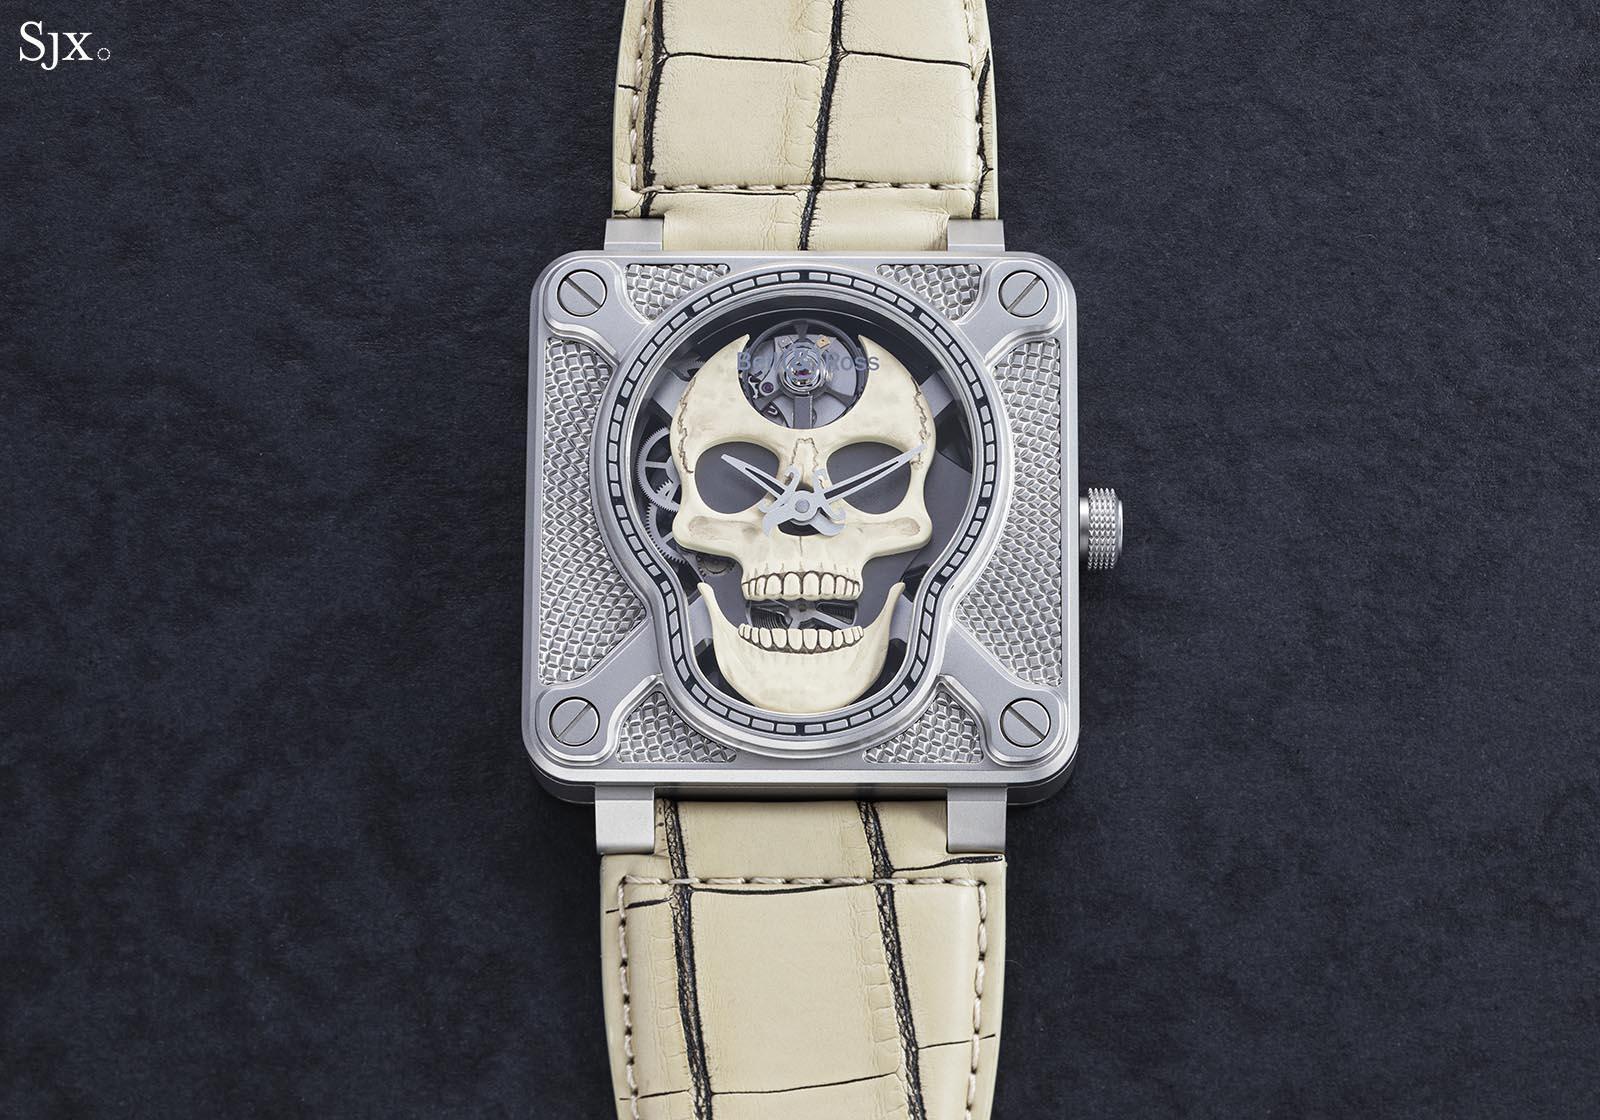 Hands-On: Bell & Ross BR 01 Laughing Skull White